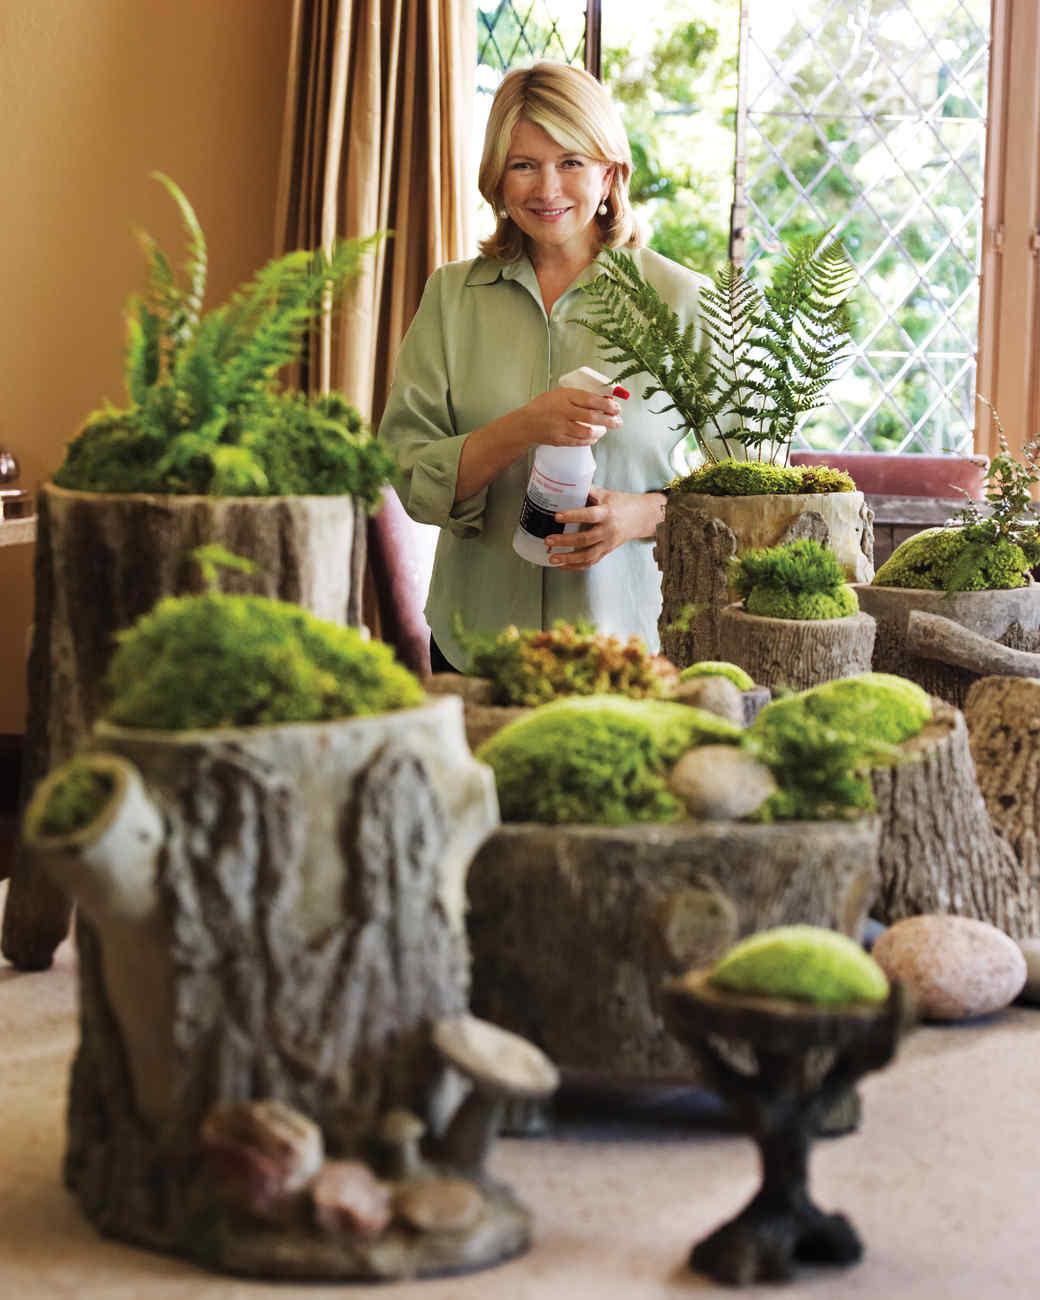 moss-garden-martha-0811mld106442.jpg